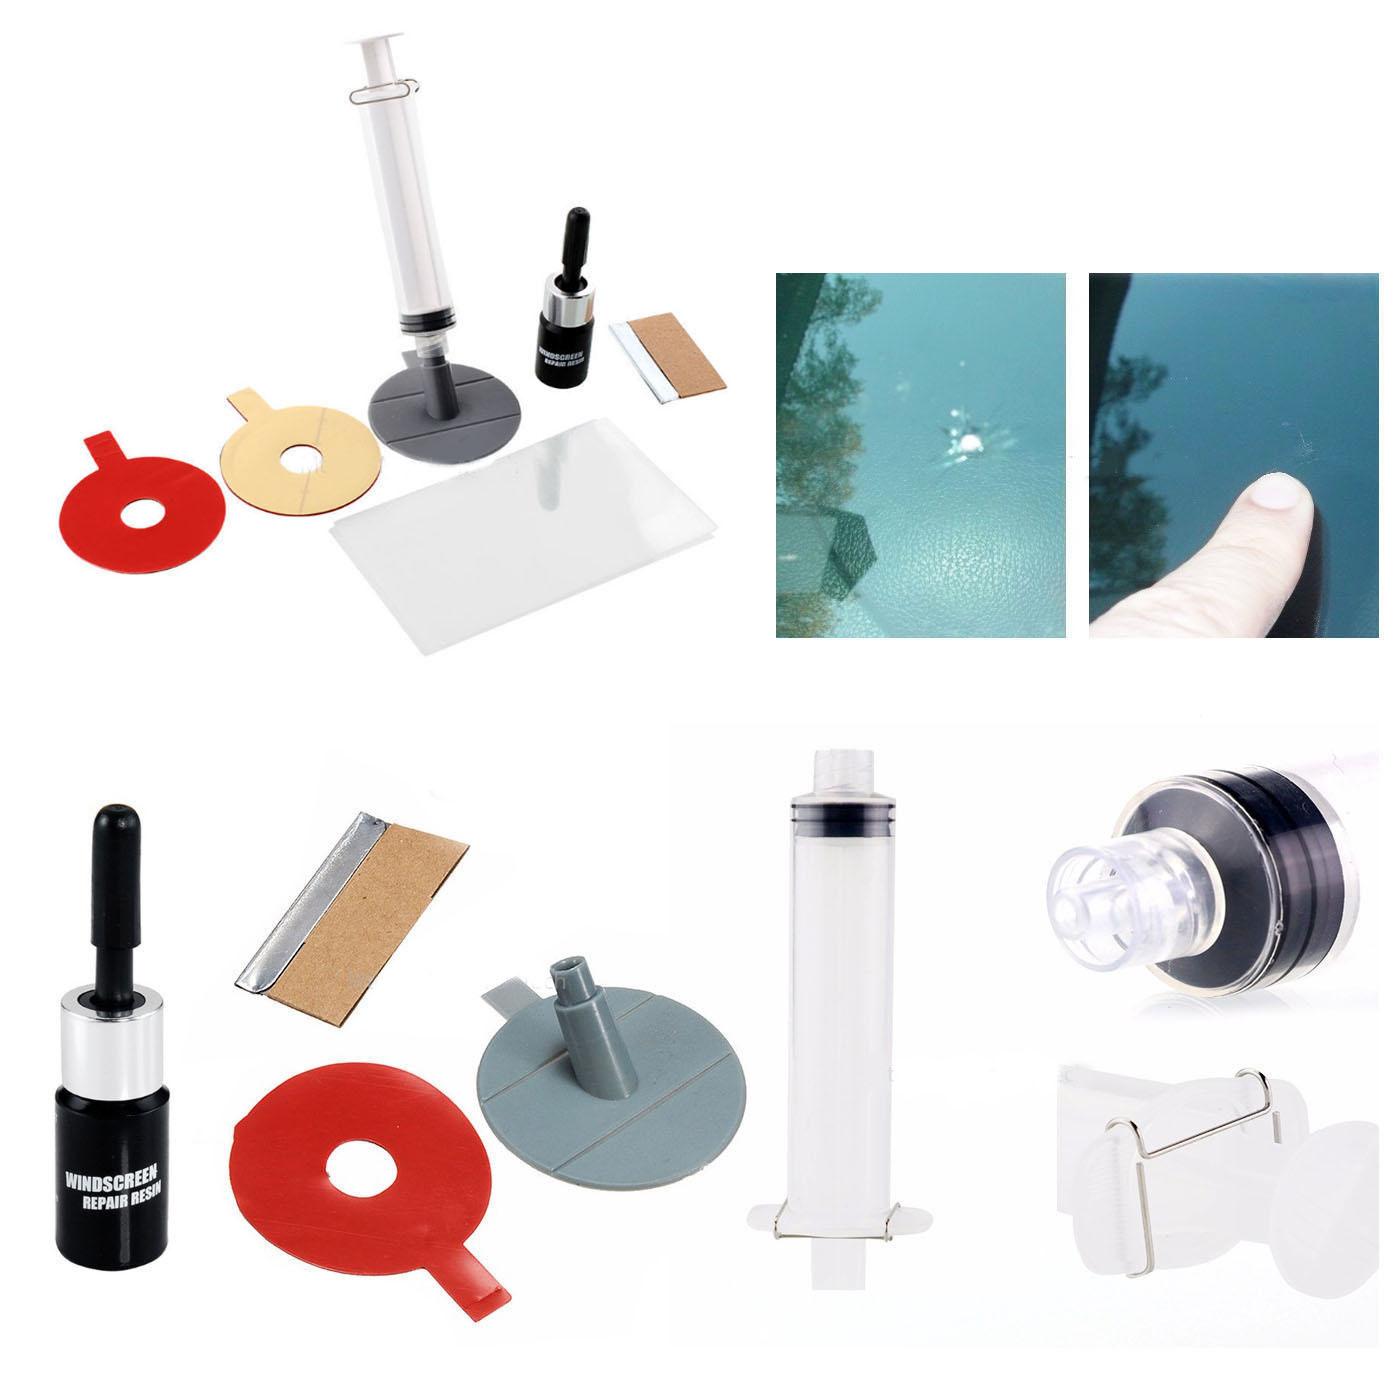 kit r paration pare brise bmw f20 f30 r sine cristal bulle r paration kit ebay. Black Bedroom Furniture Sets. Home Design Ideas